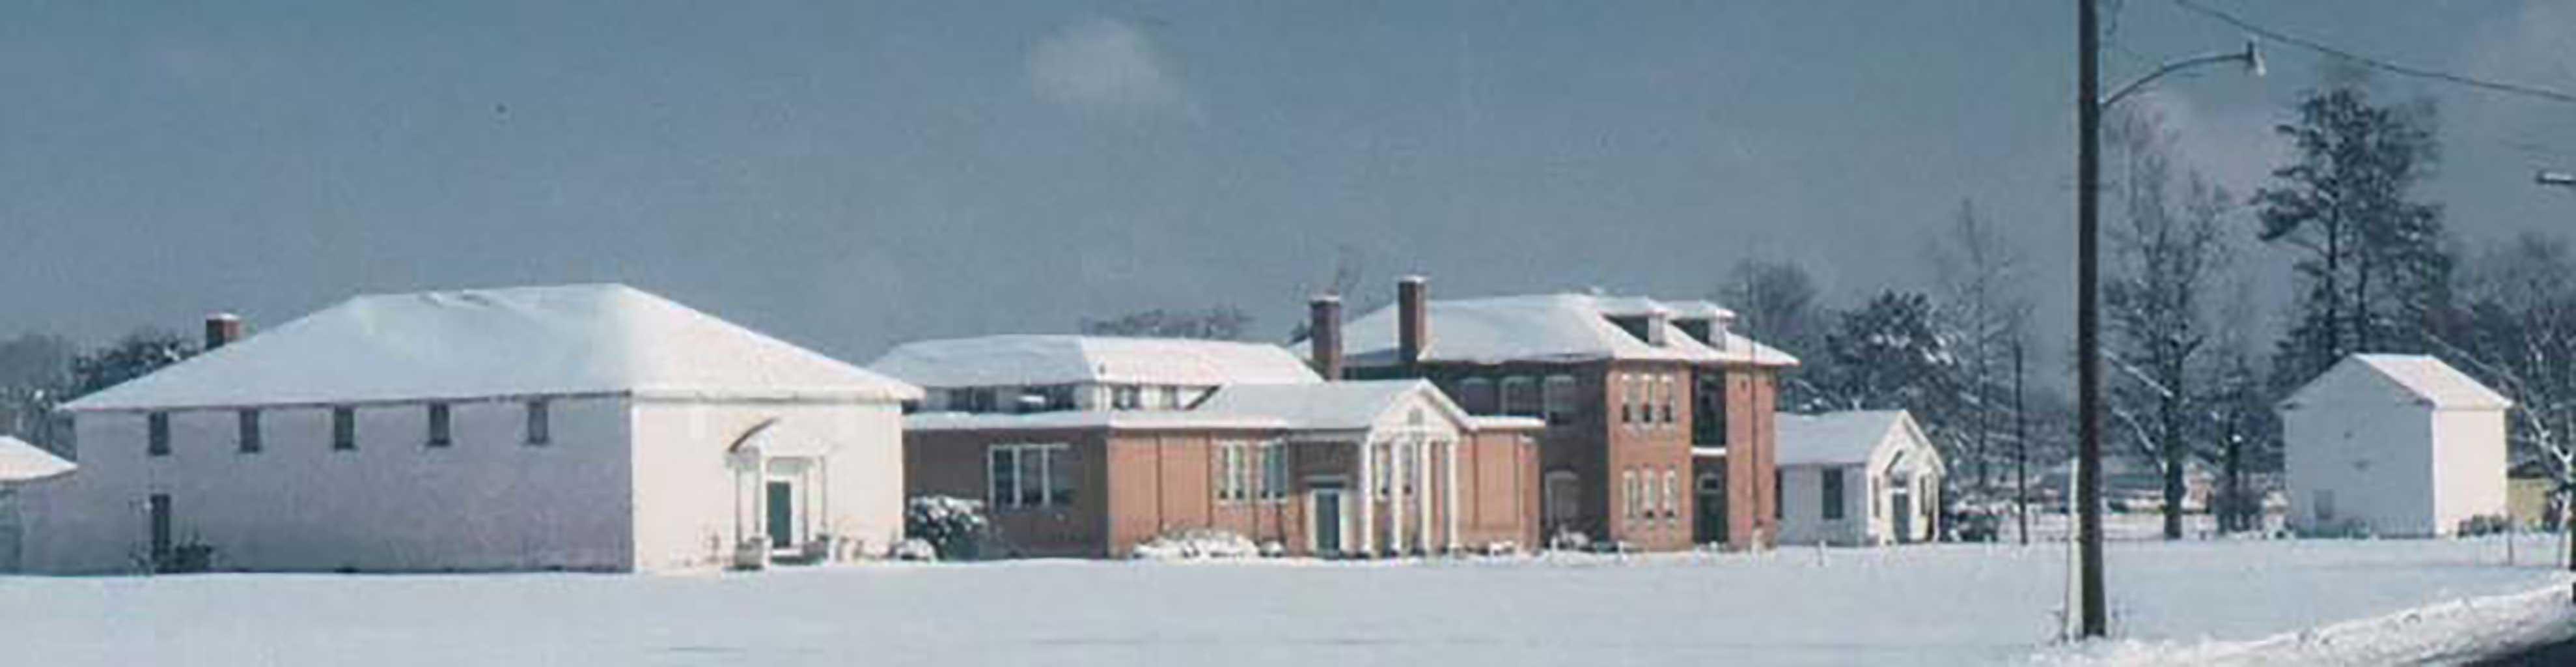 chuckatuck-gym-high-school-elementary-school-lunchroom-masonic-hall-1980